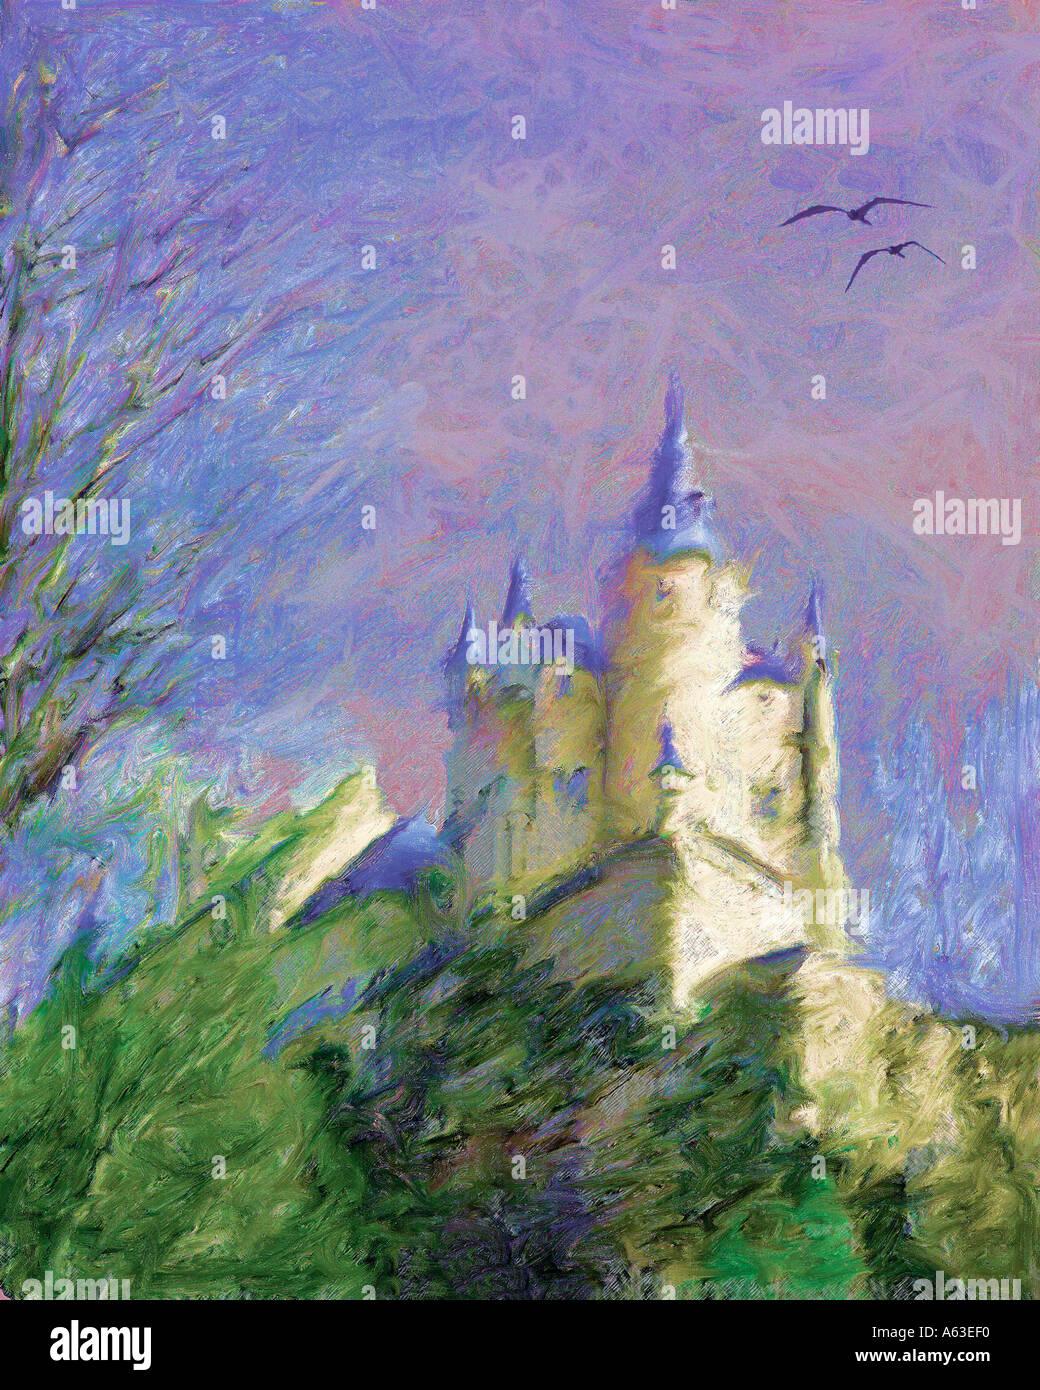 La pittura digitale di Alcazar, Segovia Spagna Immagini Stock